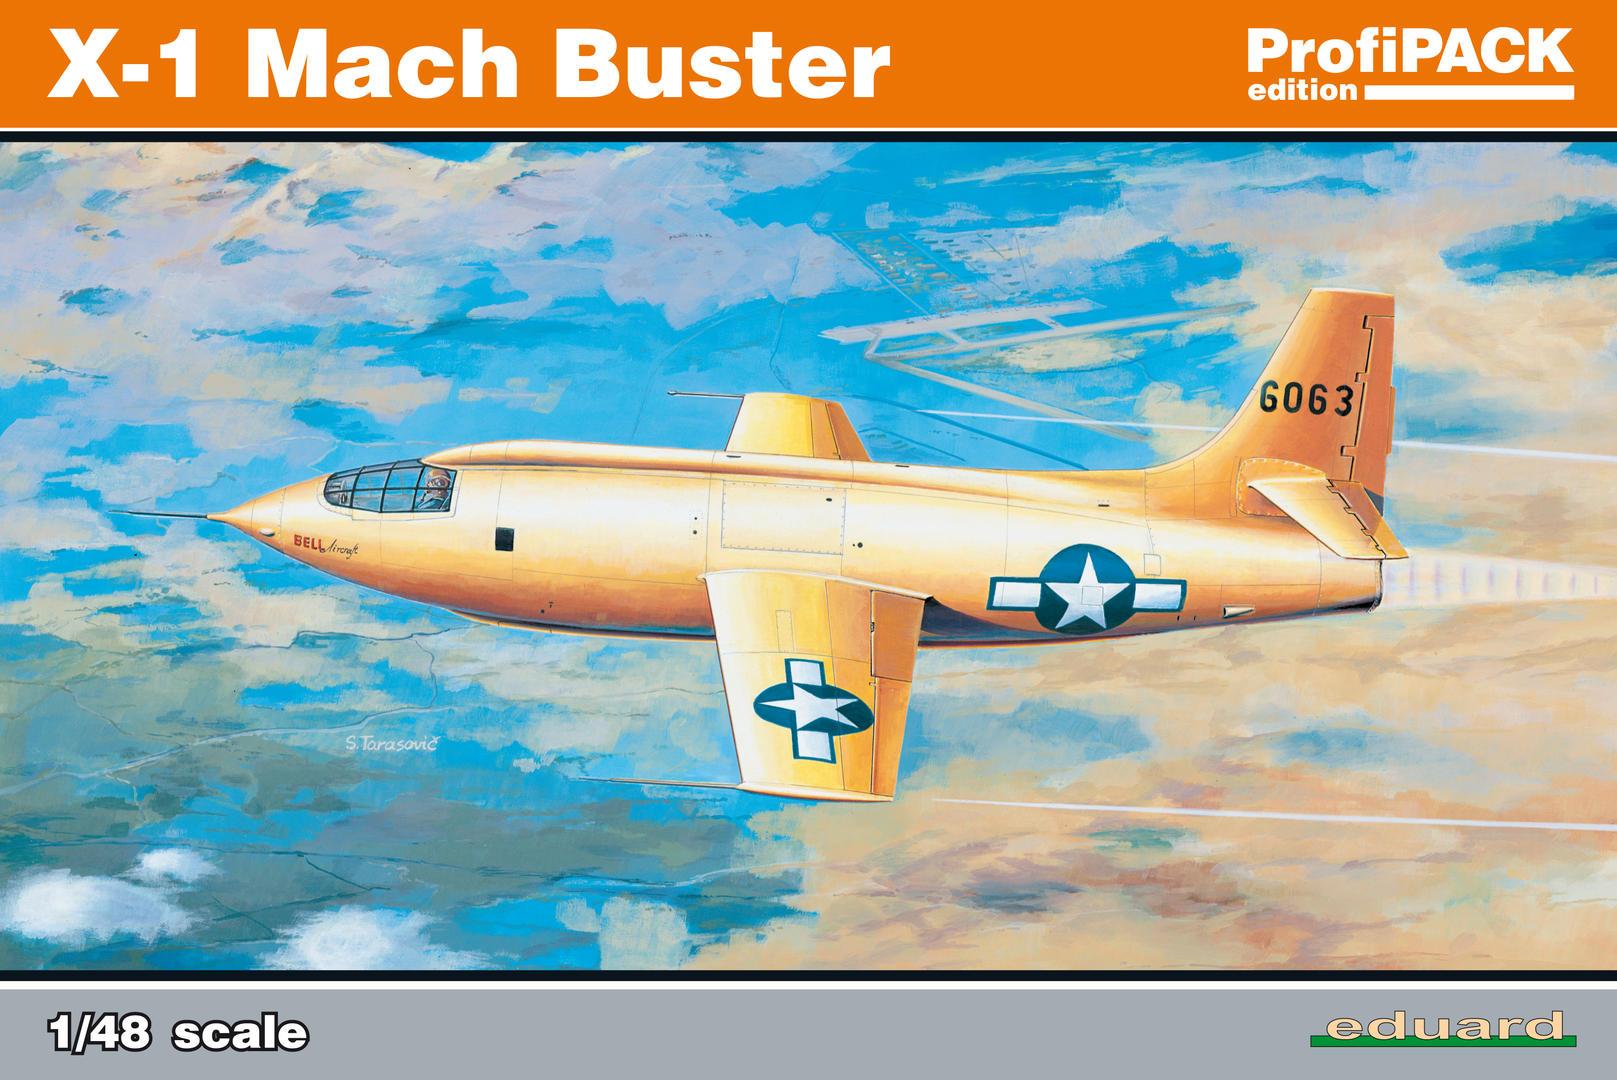 Eduard-8079-Bell-X-1-Machbuster-2017 Eduard X-1 Mach Buster 8079